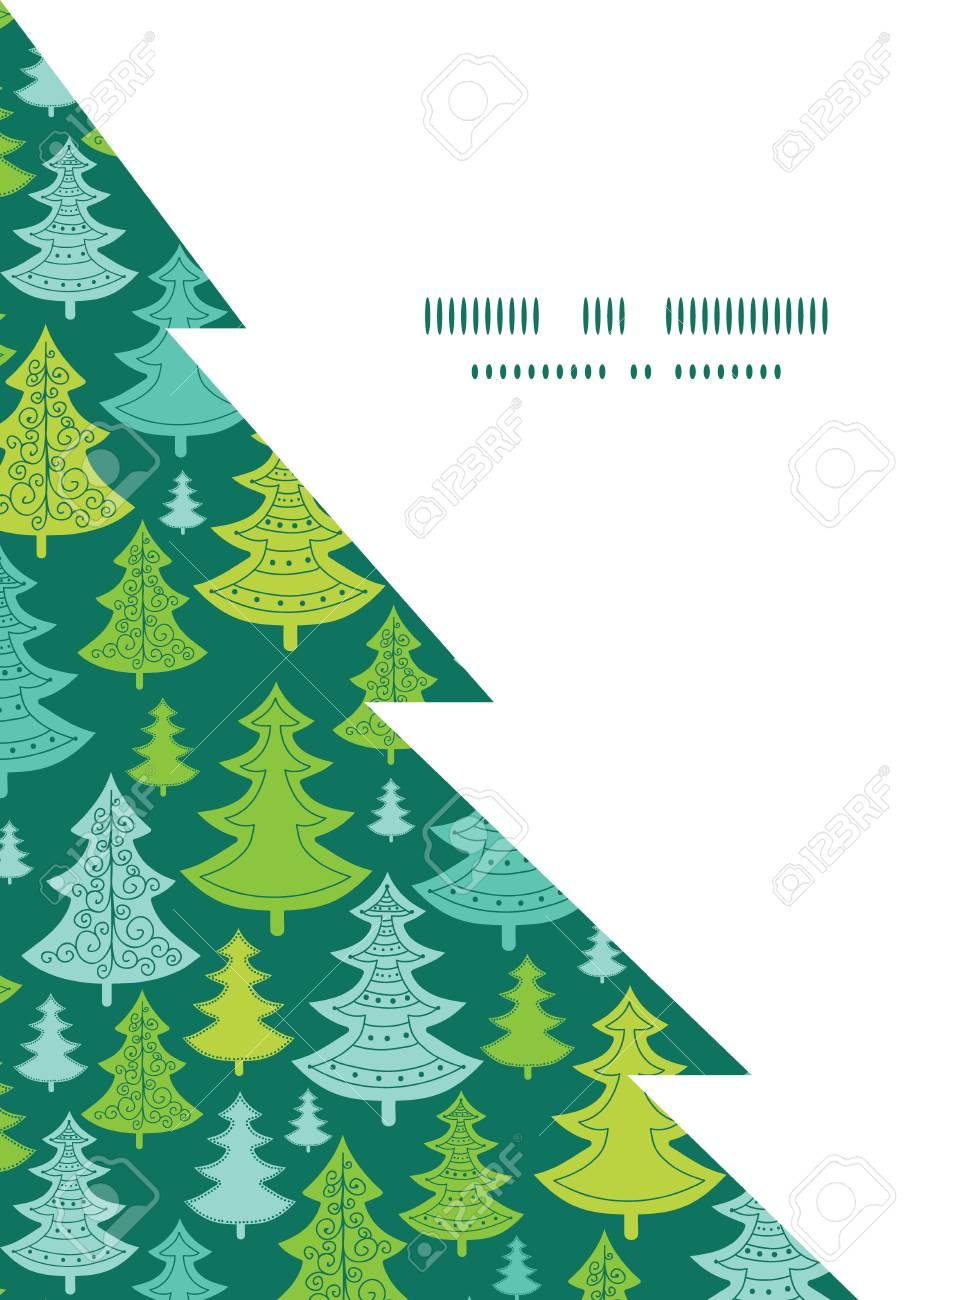 Vektorfeiertagsweihnachtsbäume Weihnachtsbaum Silhouette Muster ...